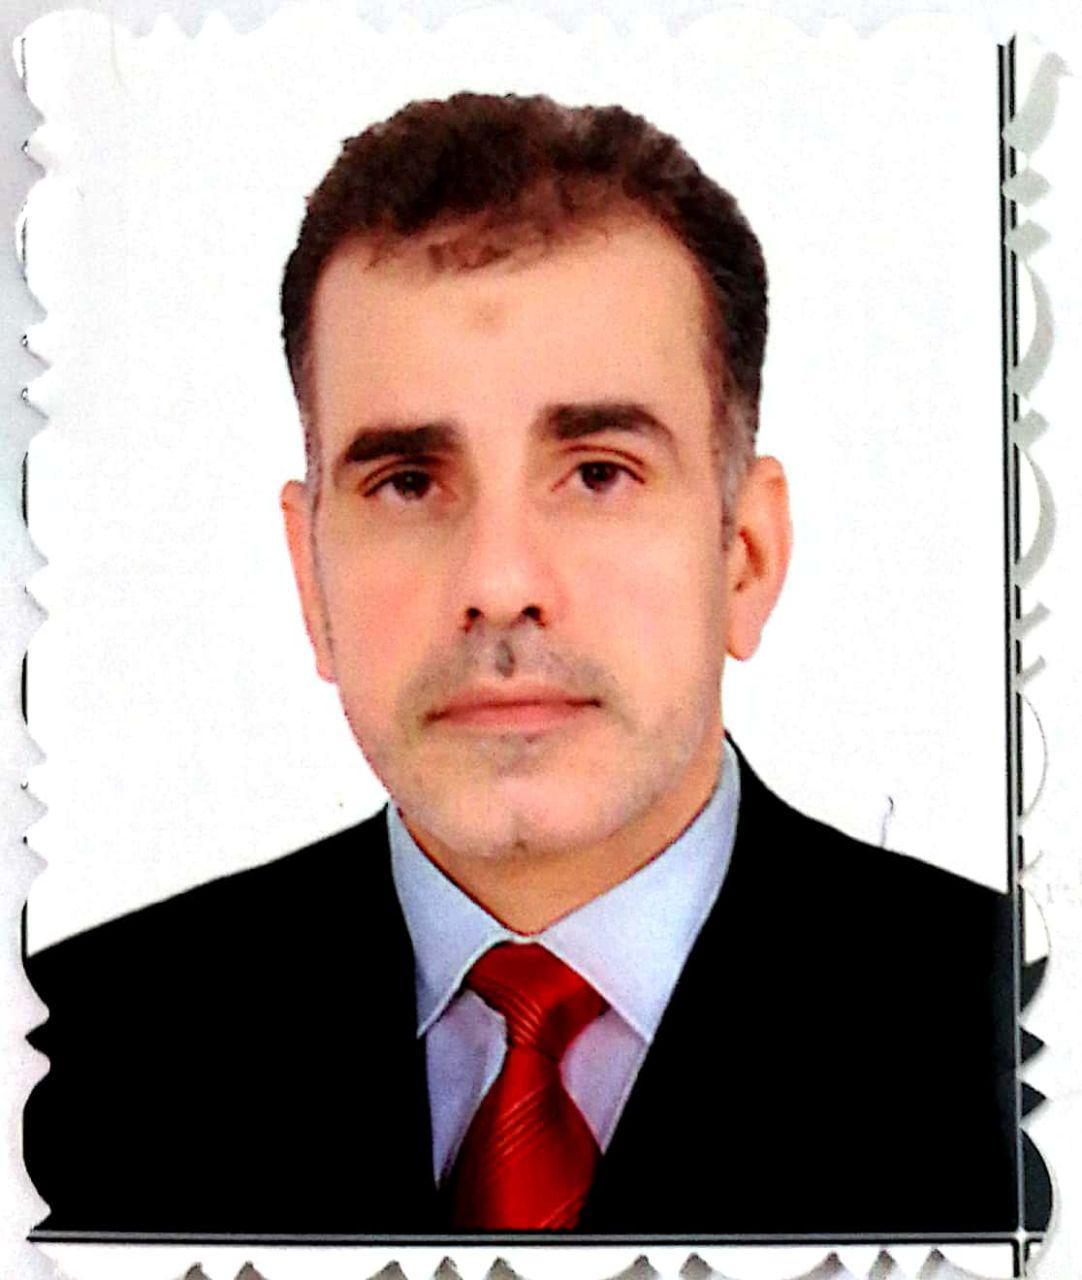 Hussein Badr Ghalib